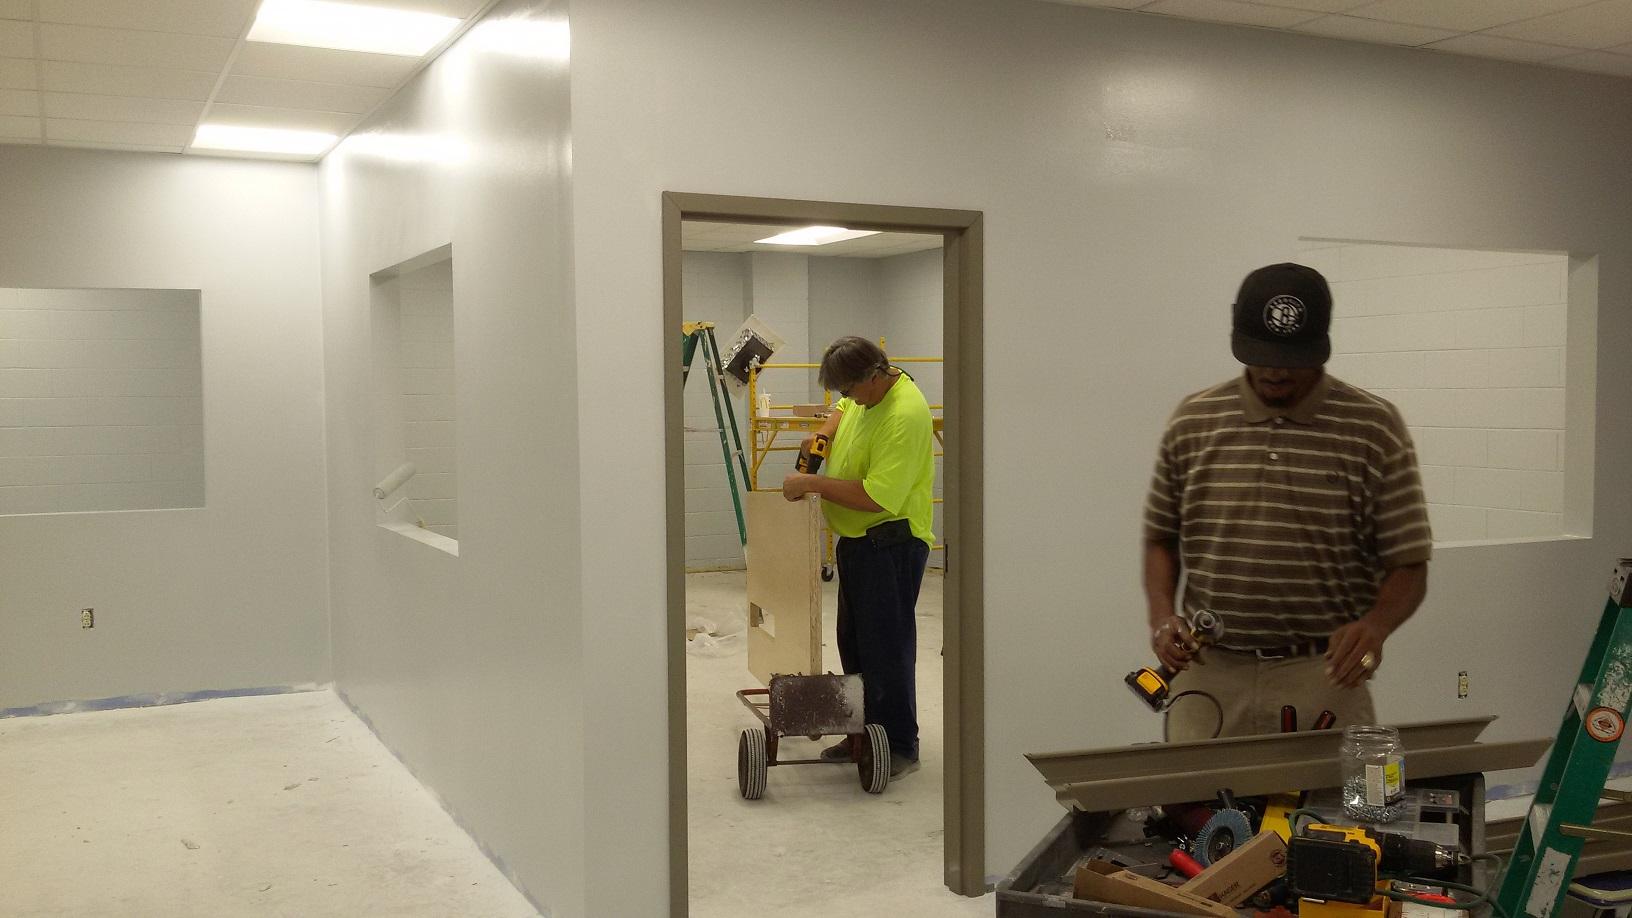 Installing doors in new rooms